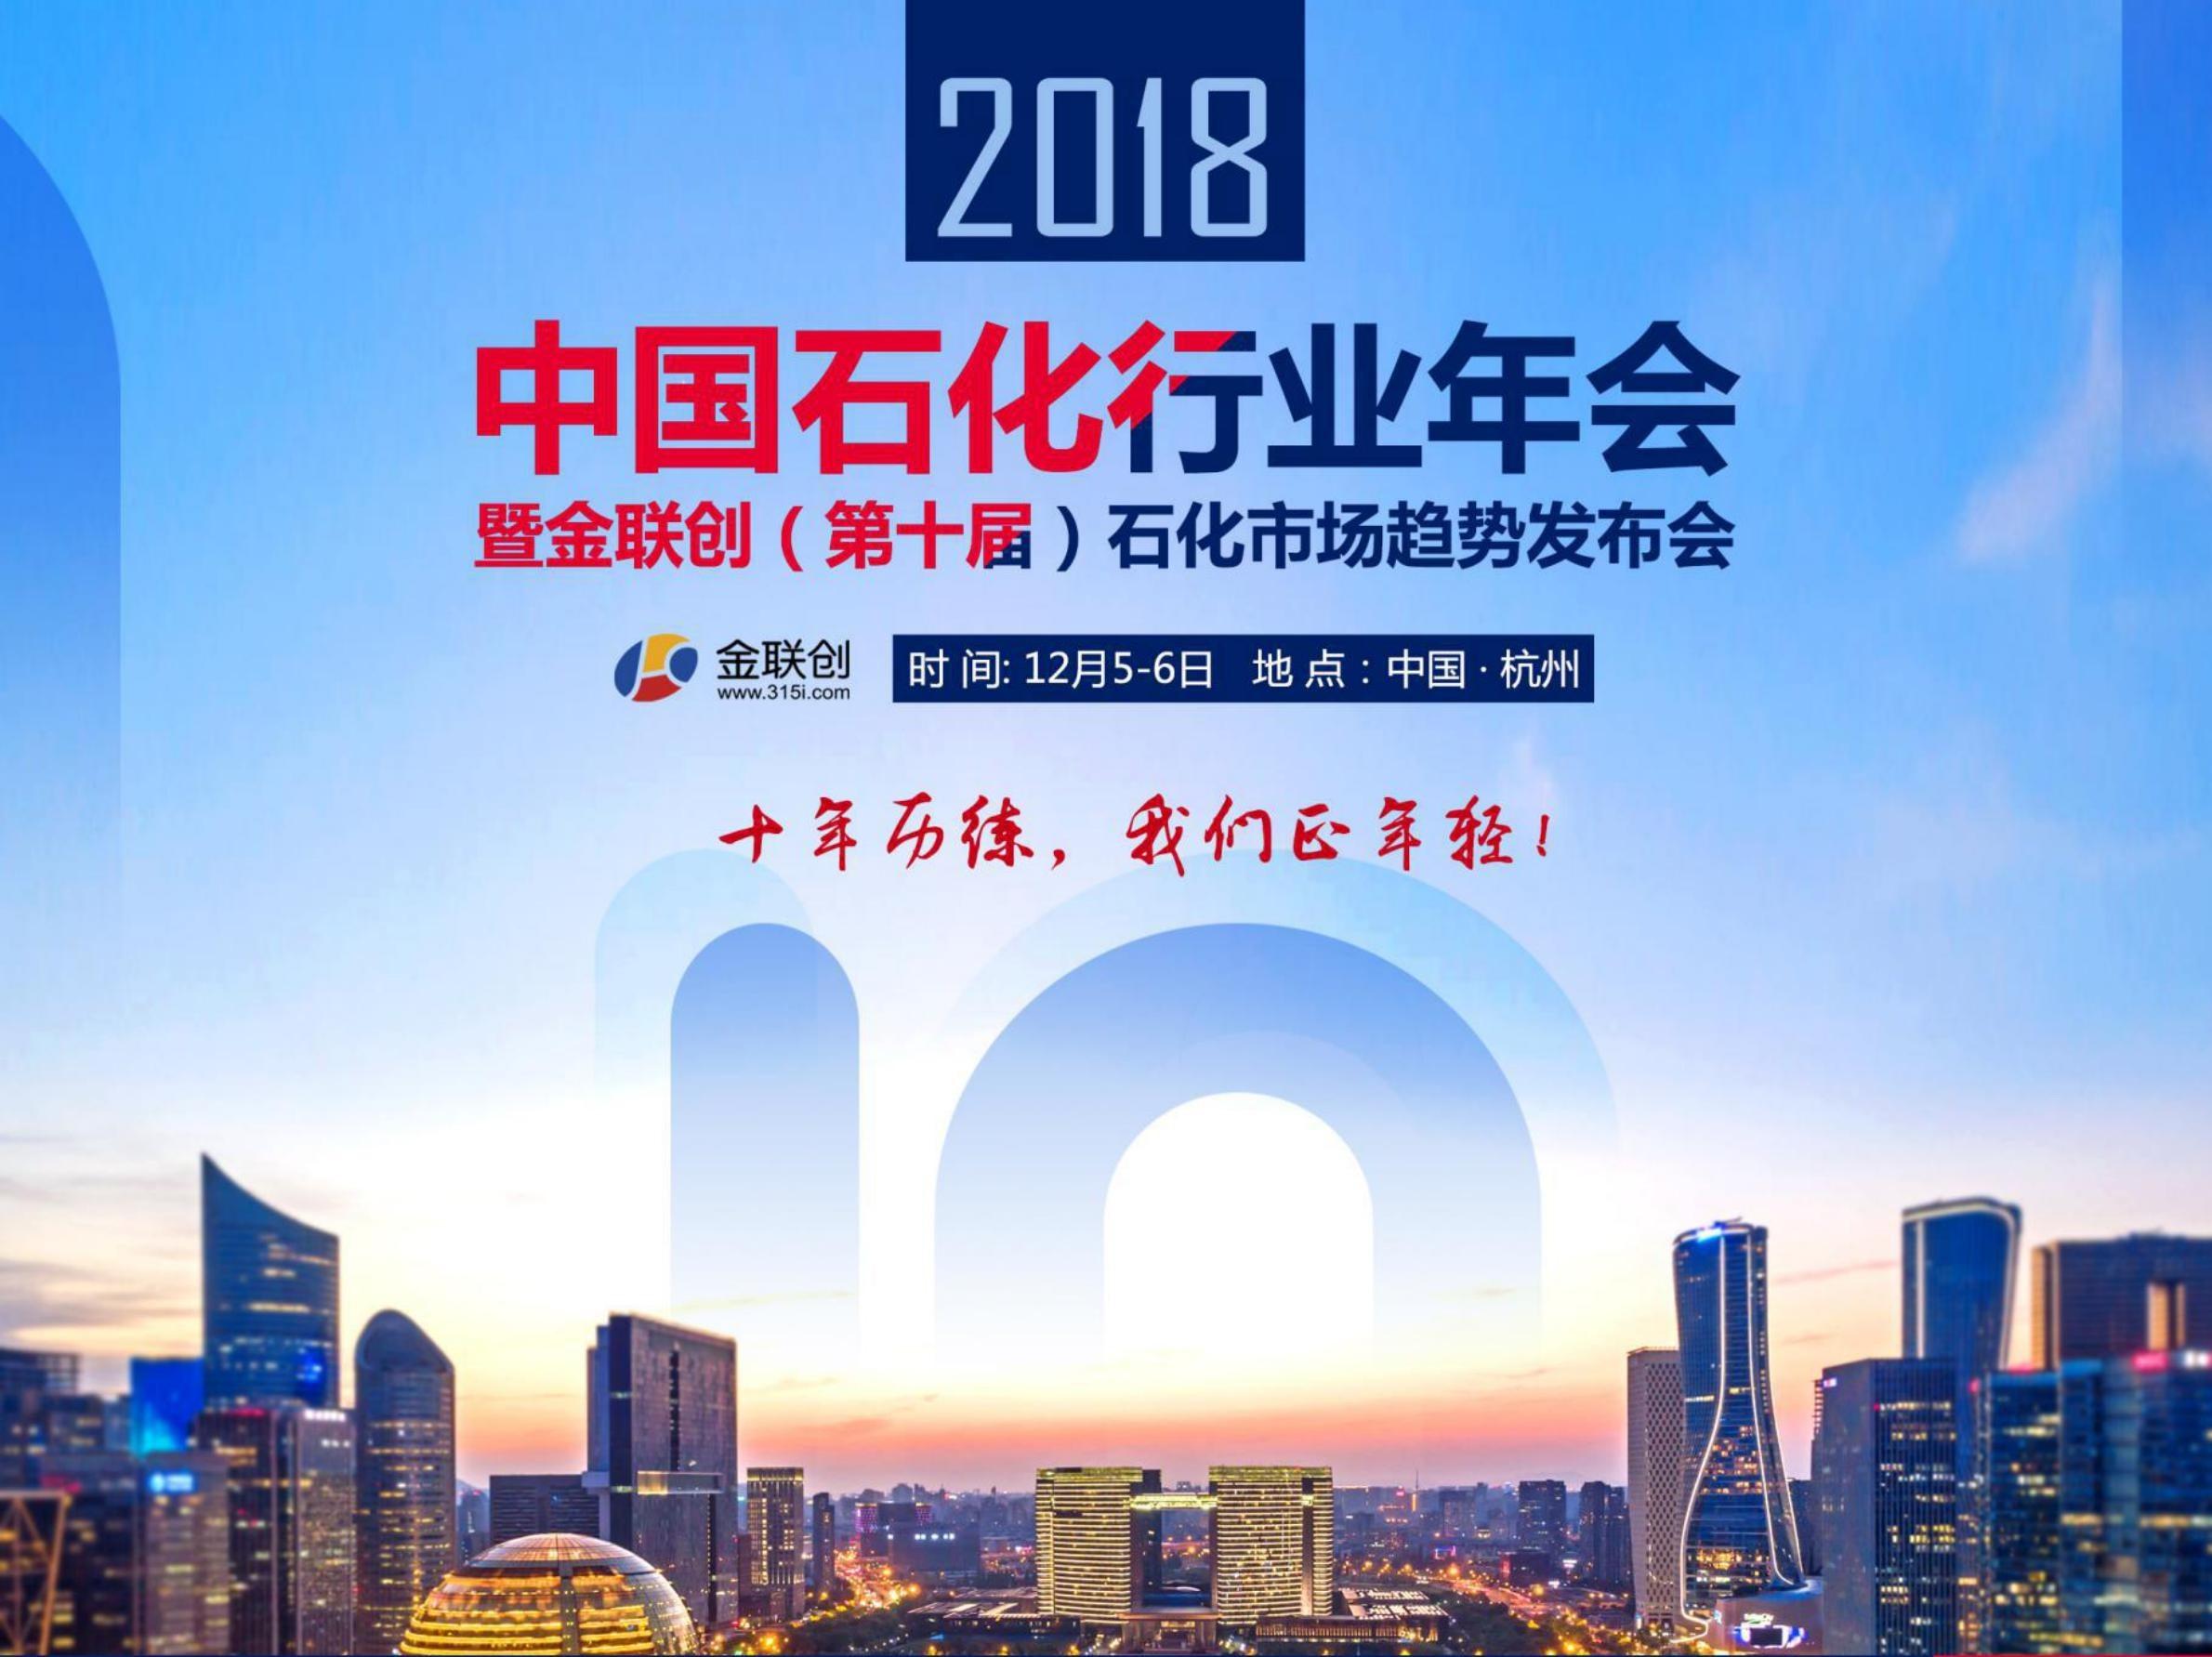 2018中国石化年会暨金联创(第十届)石化市场趋势发布会